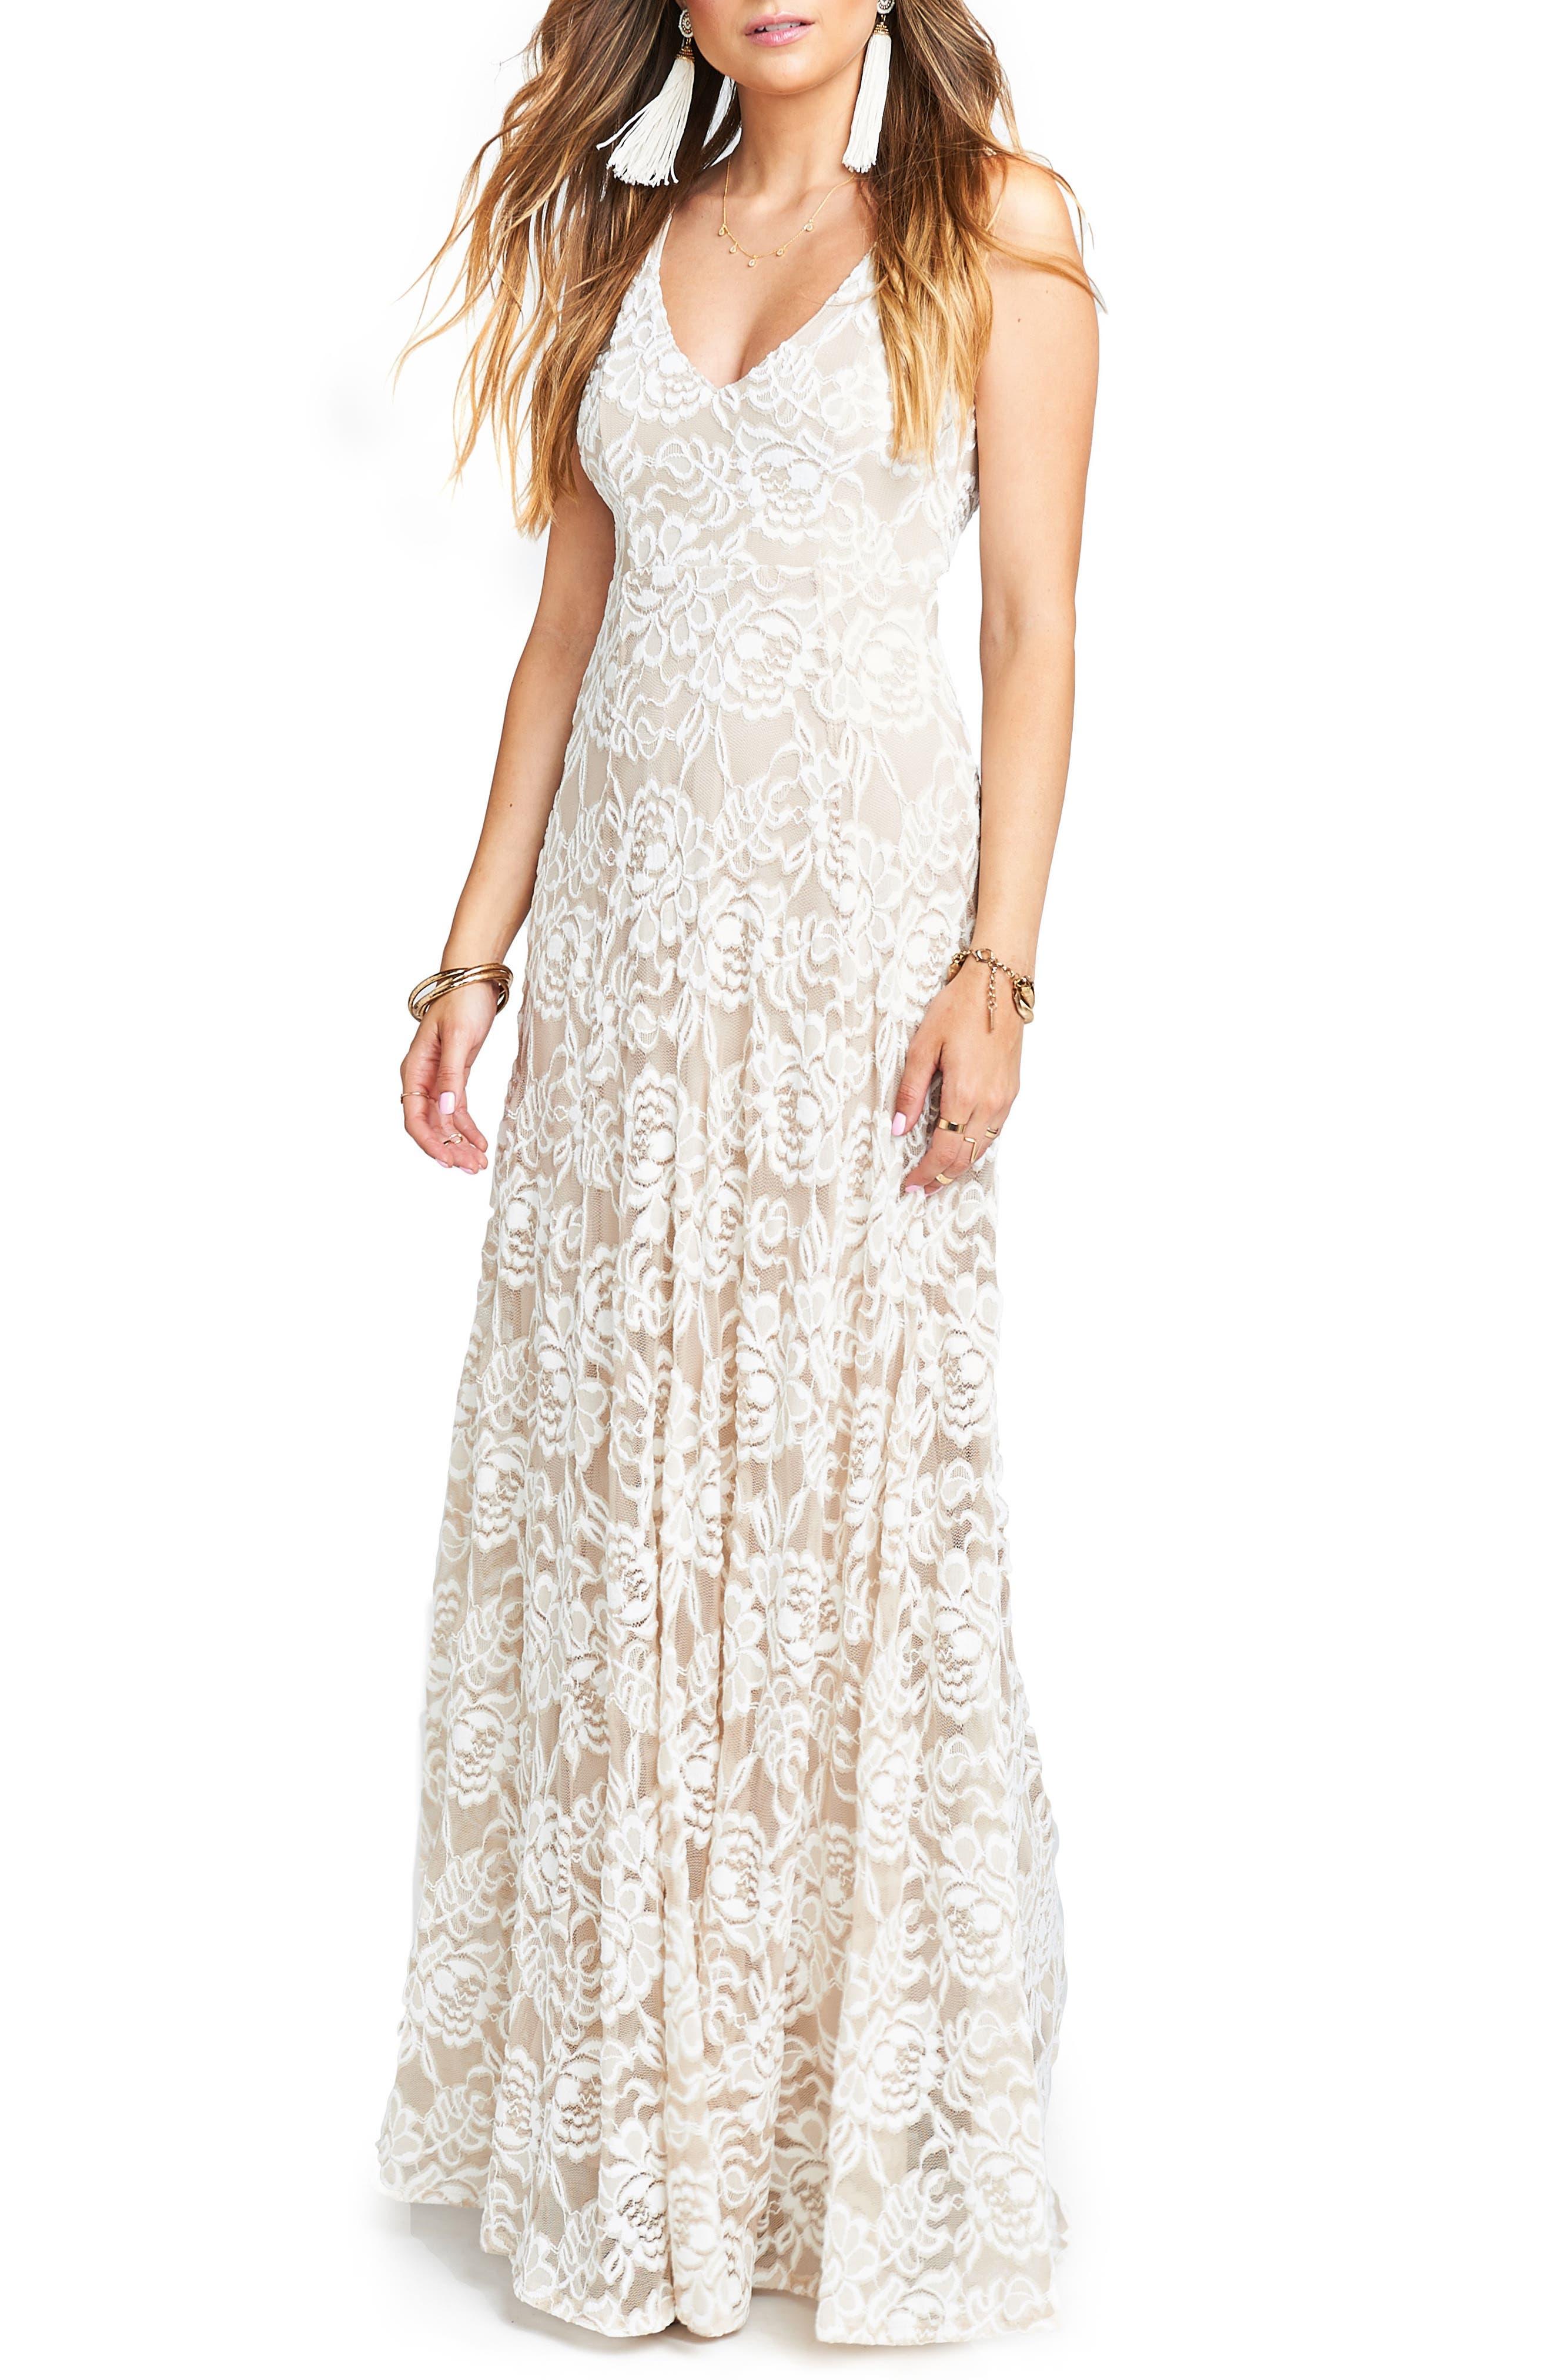 Main Image - Show Me Your Mumu Jen Lace Dress